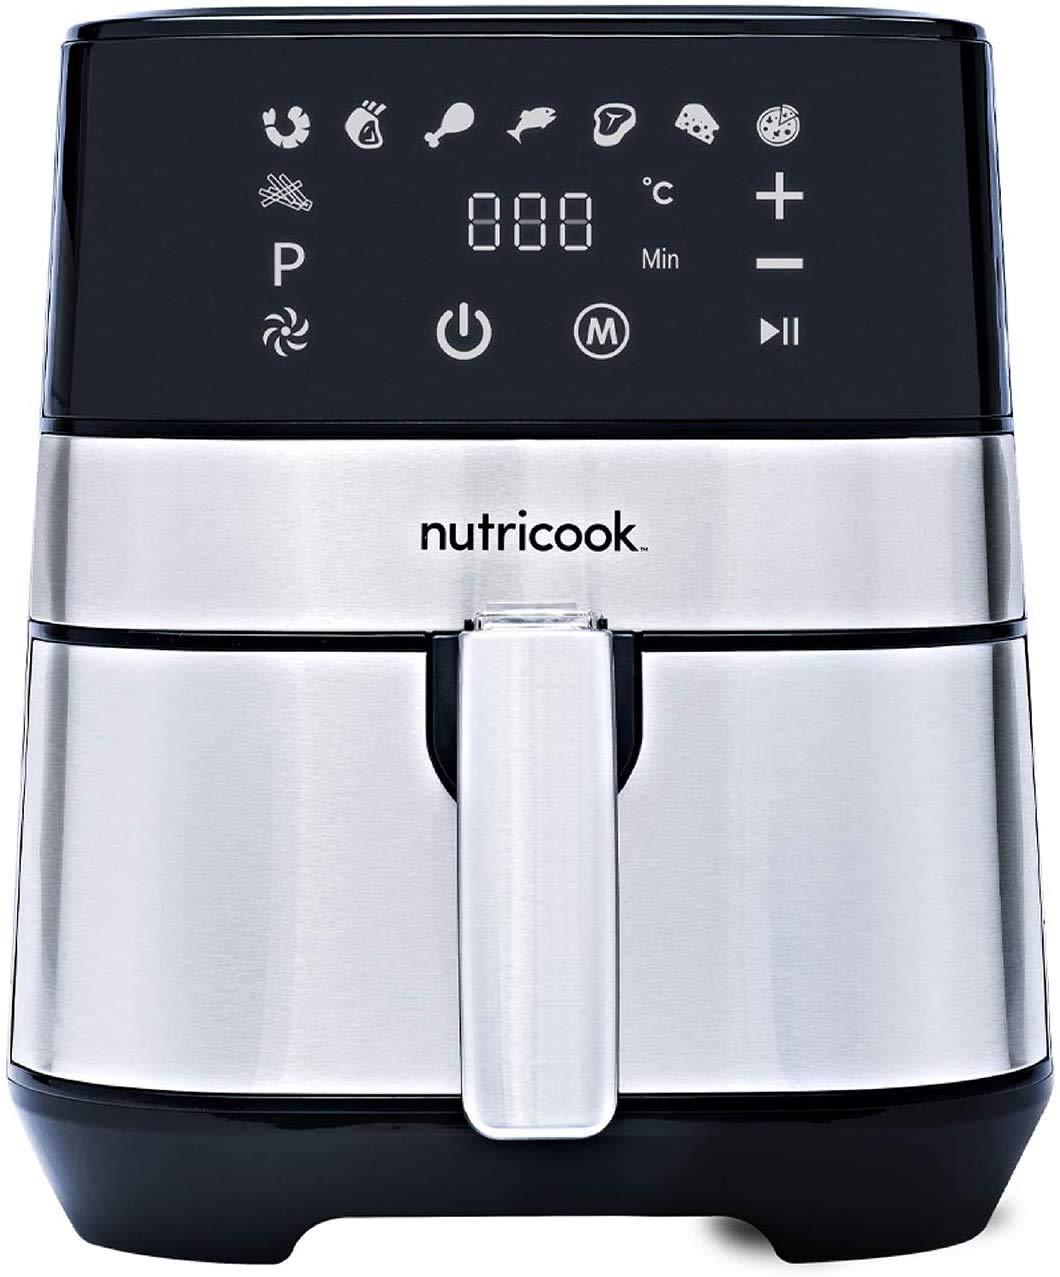 Nutricook by Nutribullet Rapid Air Fryer